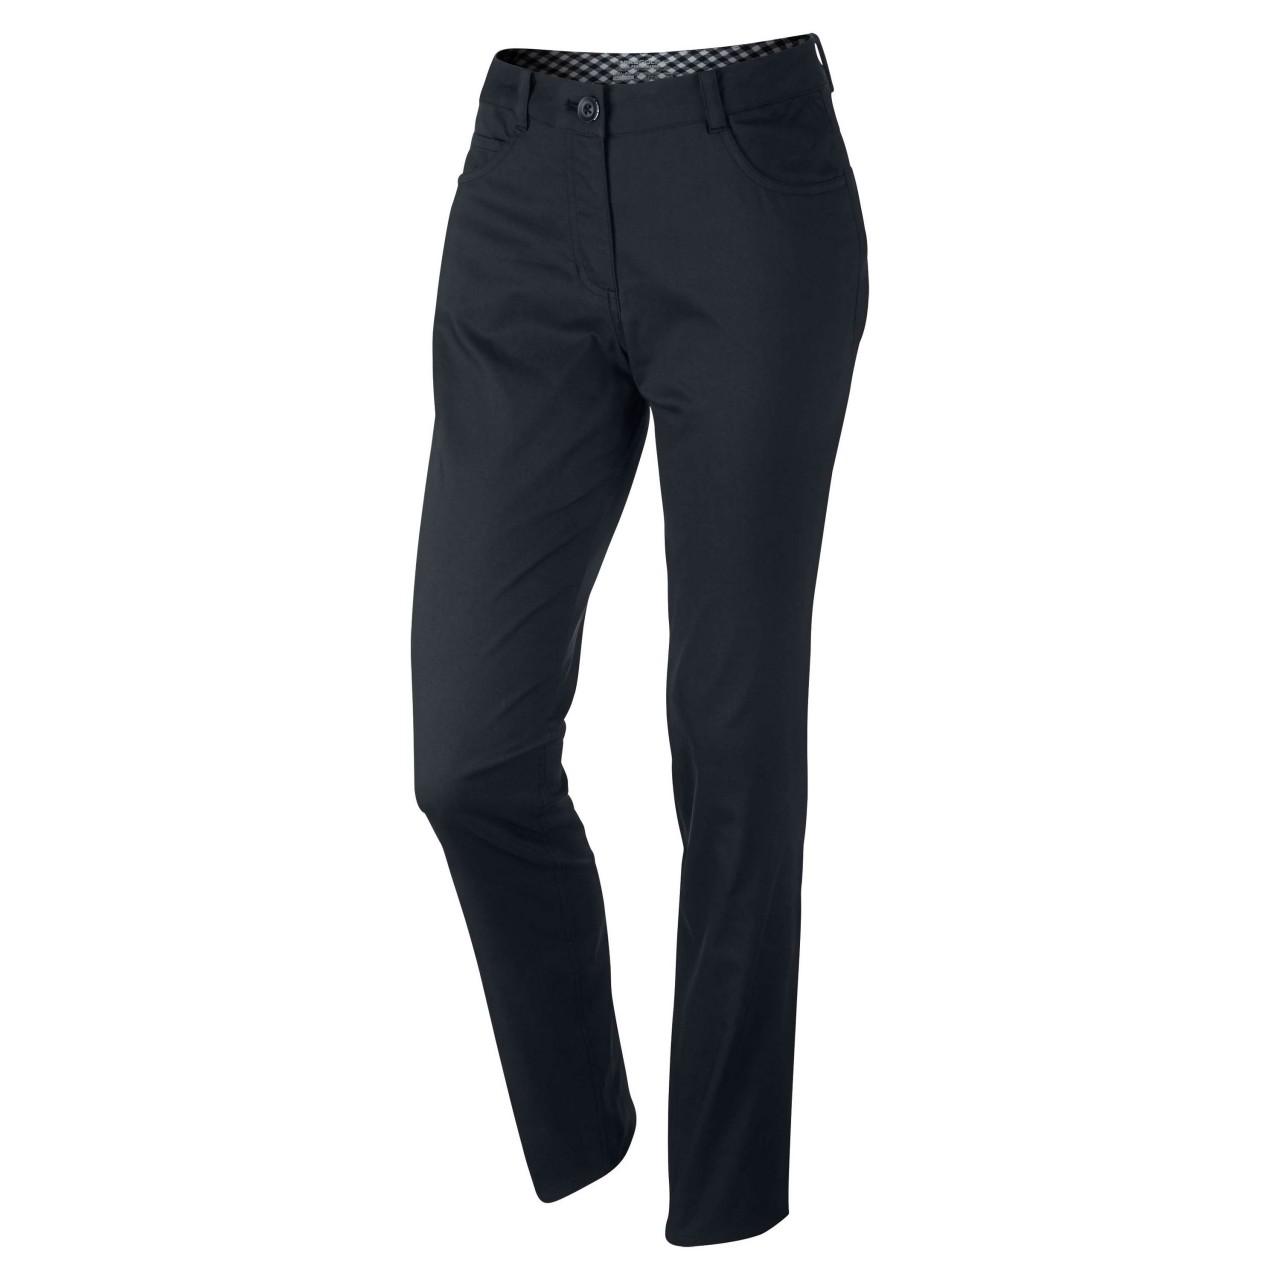 Nike Hose Jeans Pant 2.0, black